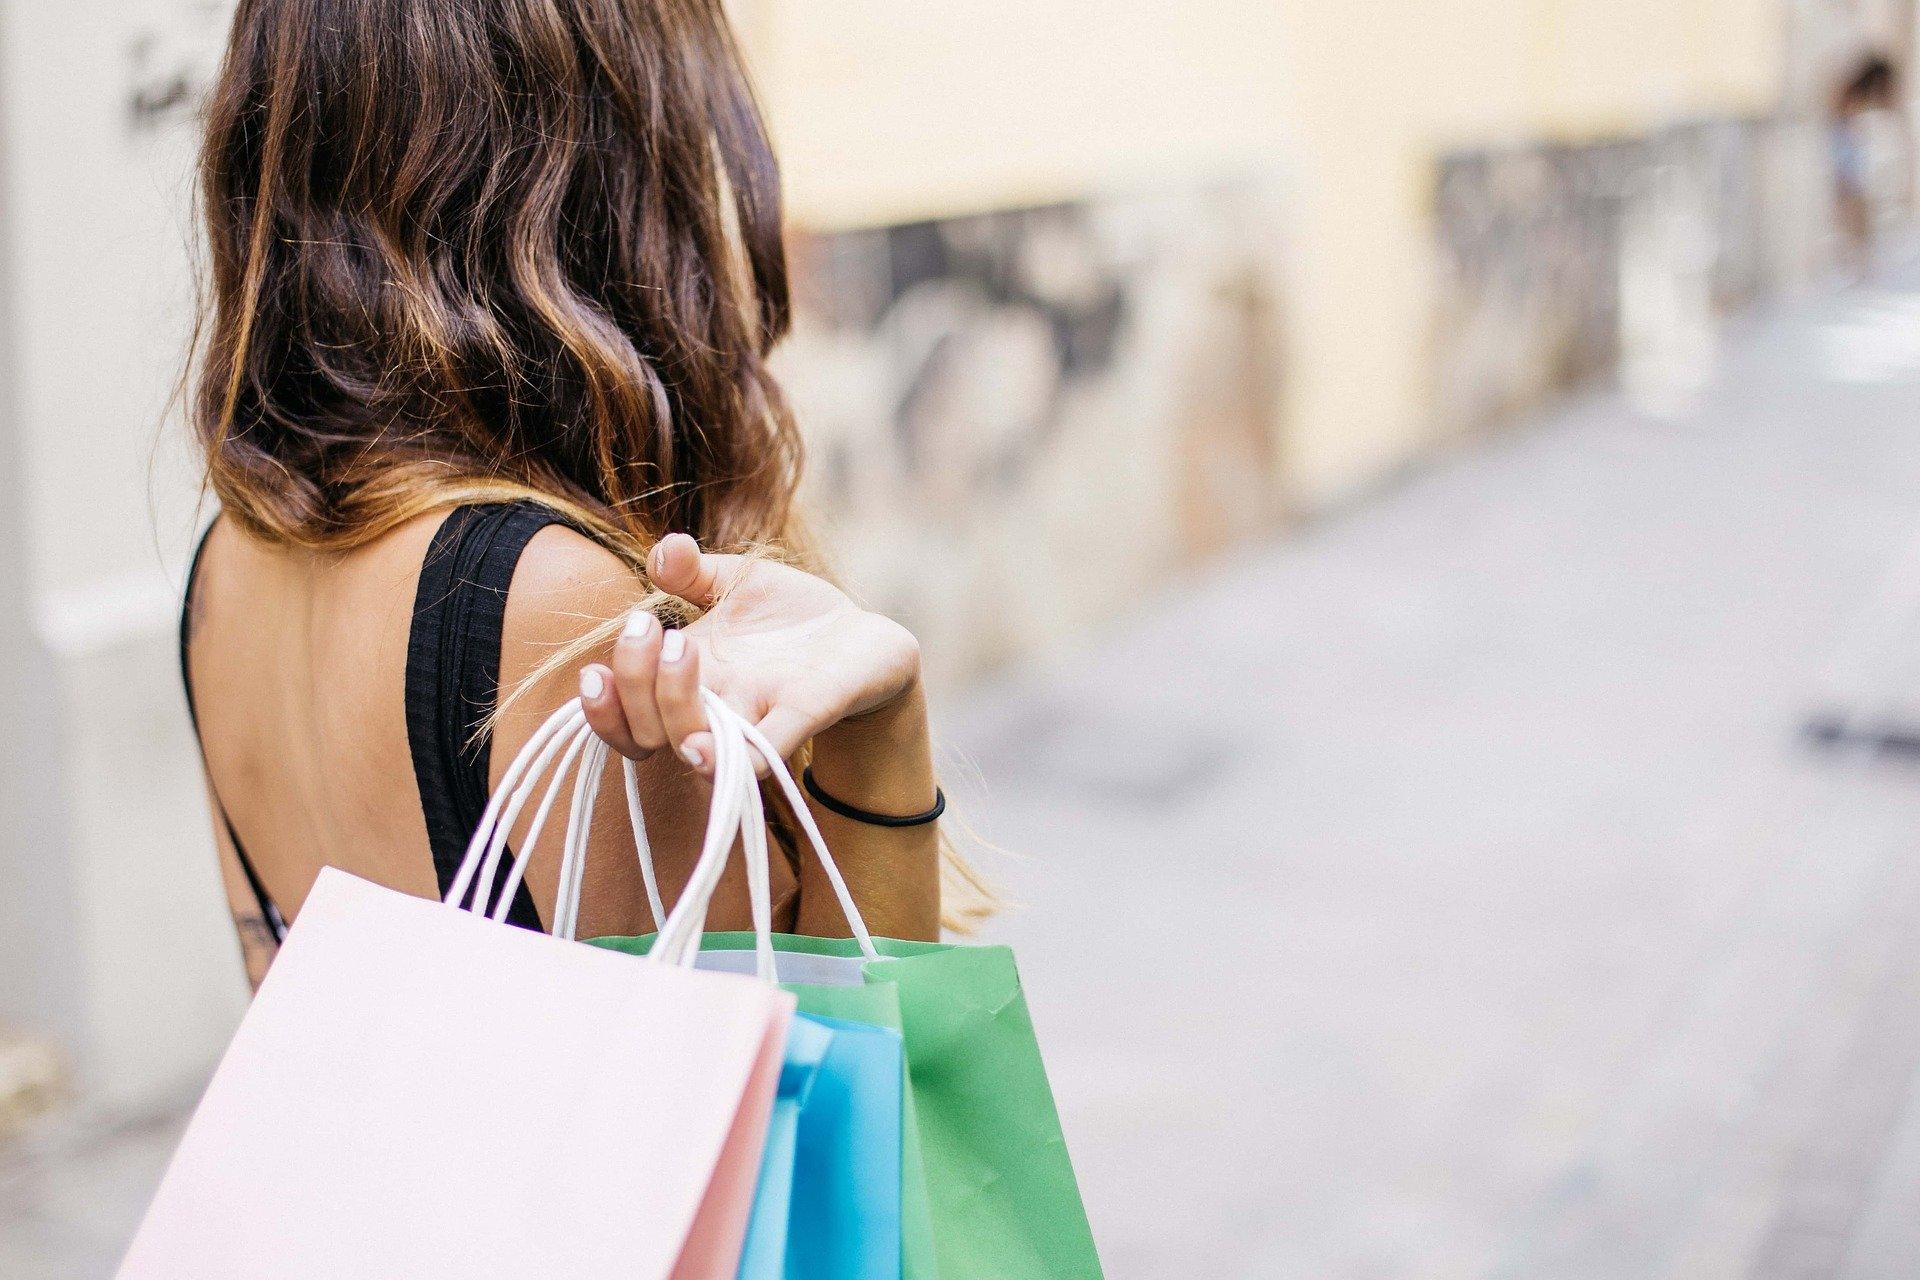 Portugueses entre os que mais pesquisam na Web e depois compram na loja